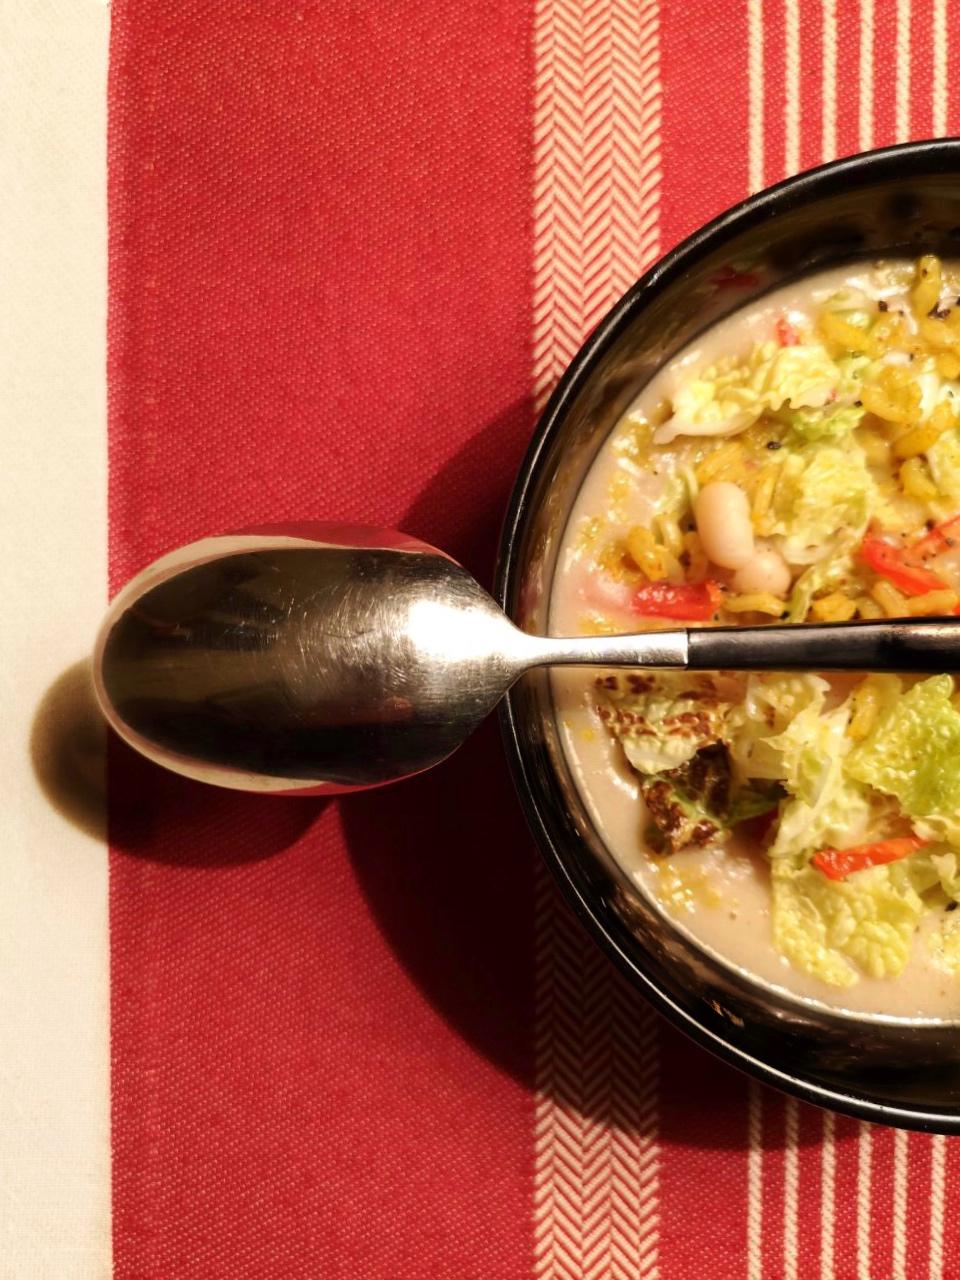 la mia Monday Soup #2 è una minestra di fagioli tondini, riso integrale, curry, verza e peperoncino | ©foto Sandra Longinotti